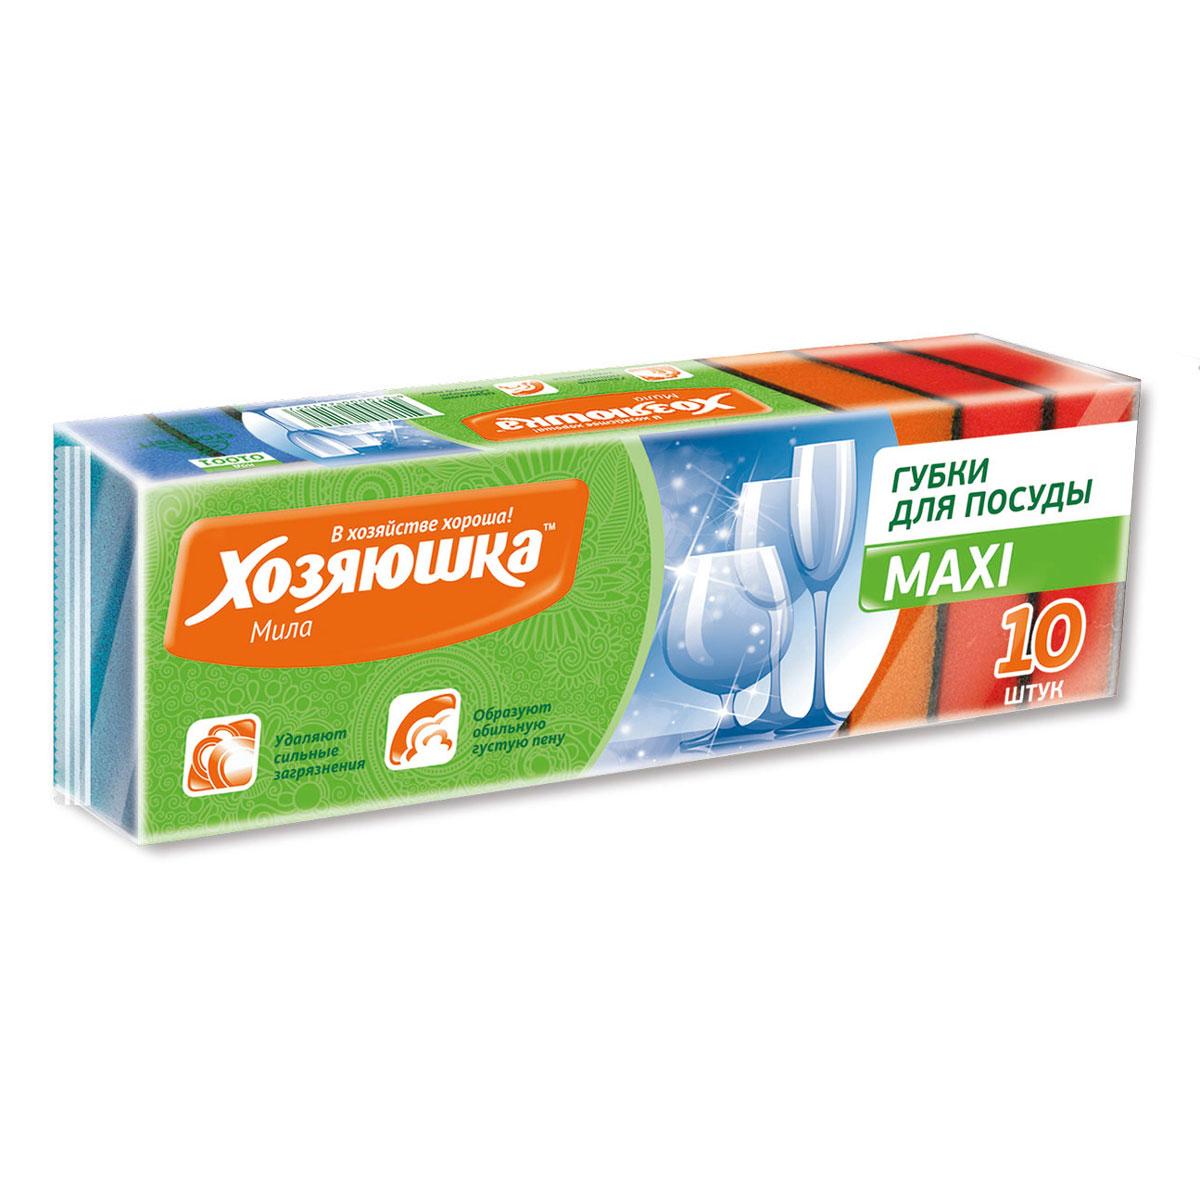 Набор губок Хозяюшка Мила Maxi для мытья посуды, 10 шт01001Уважаемые клиенты!Обращаем ваше внимание на возможные изменения в дизайне упаковки. Качественные характеристики товара остаются неизменными. Поставка осуществляется в зависимости от наличия на складе.